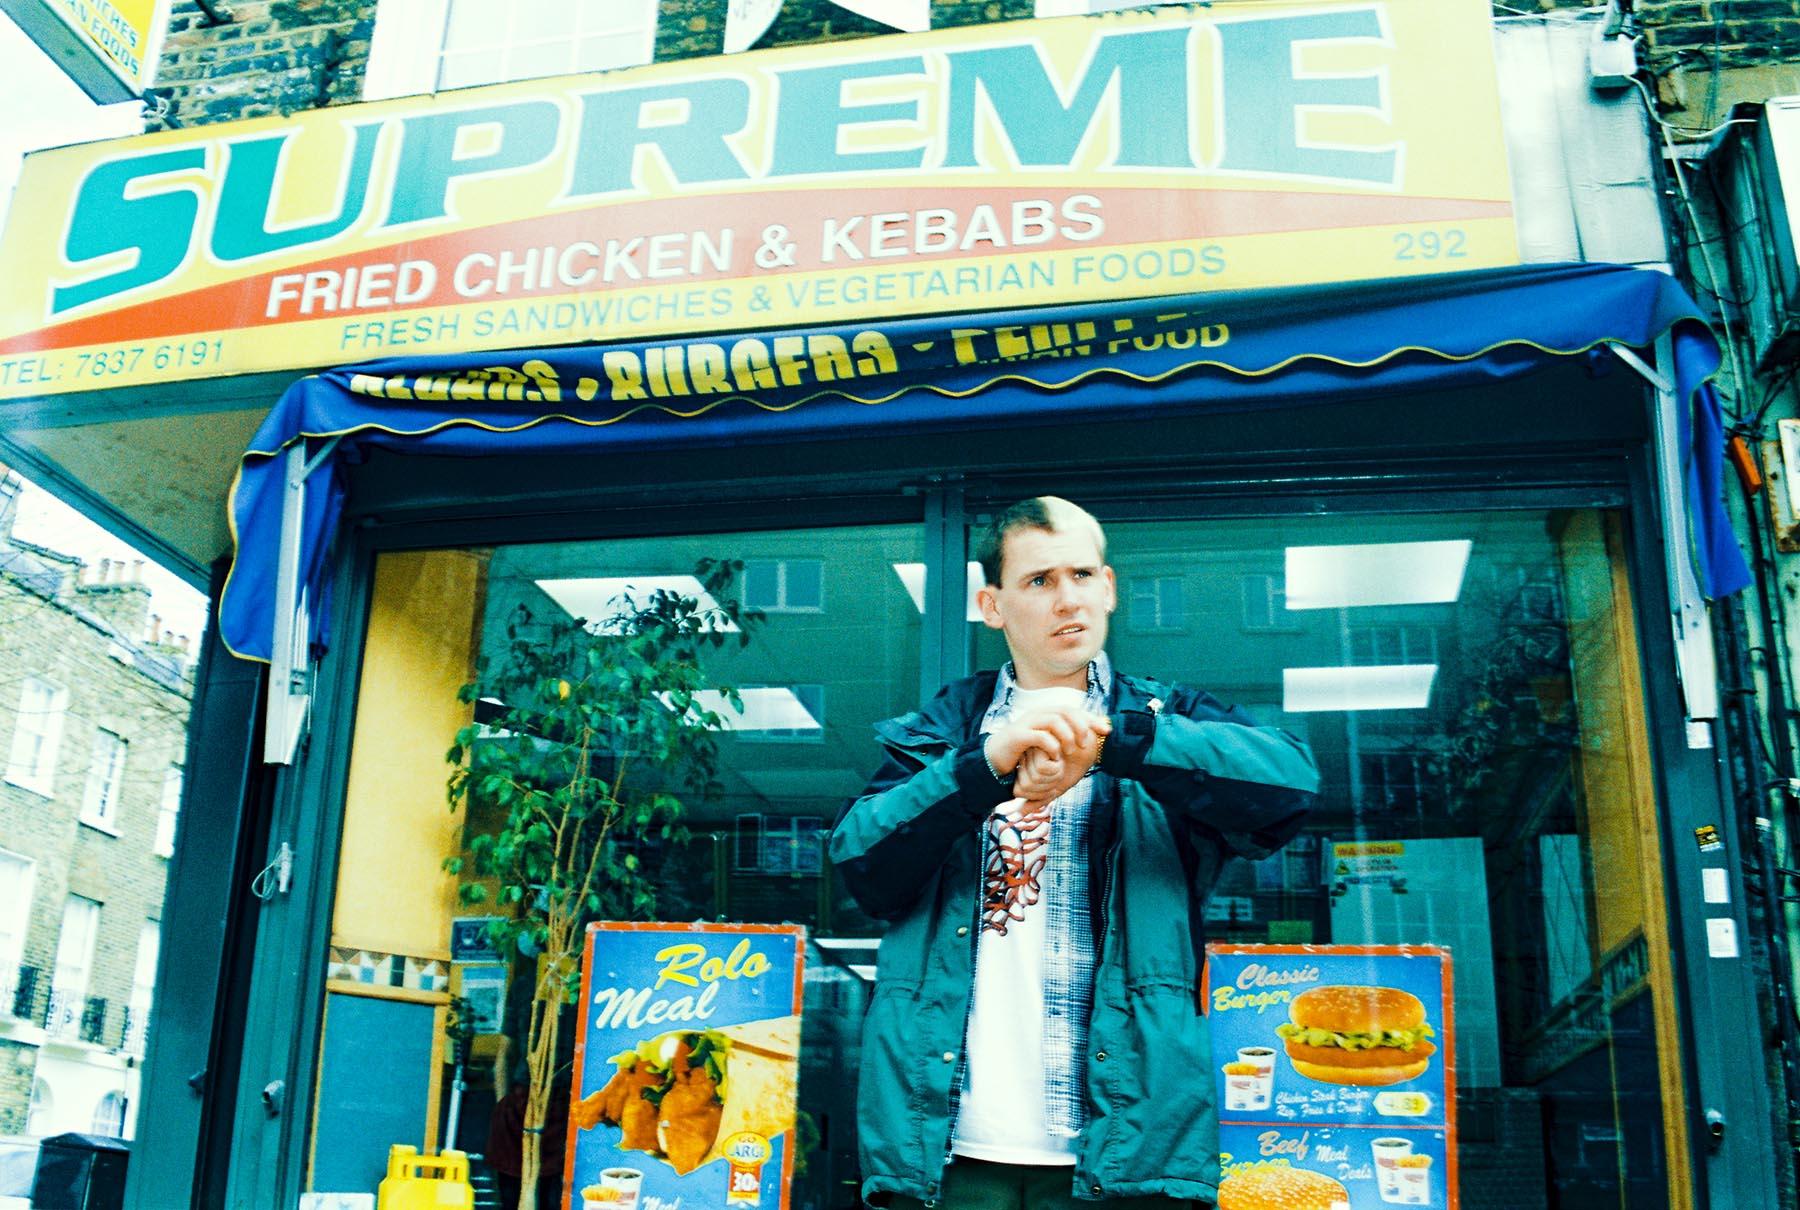 Dublin rapper Kojaque